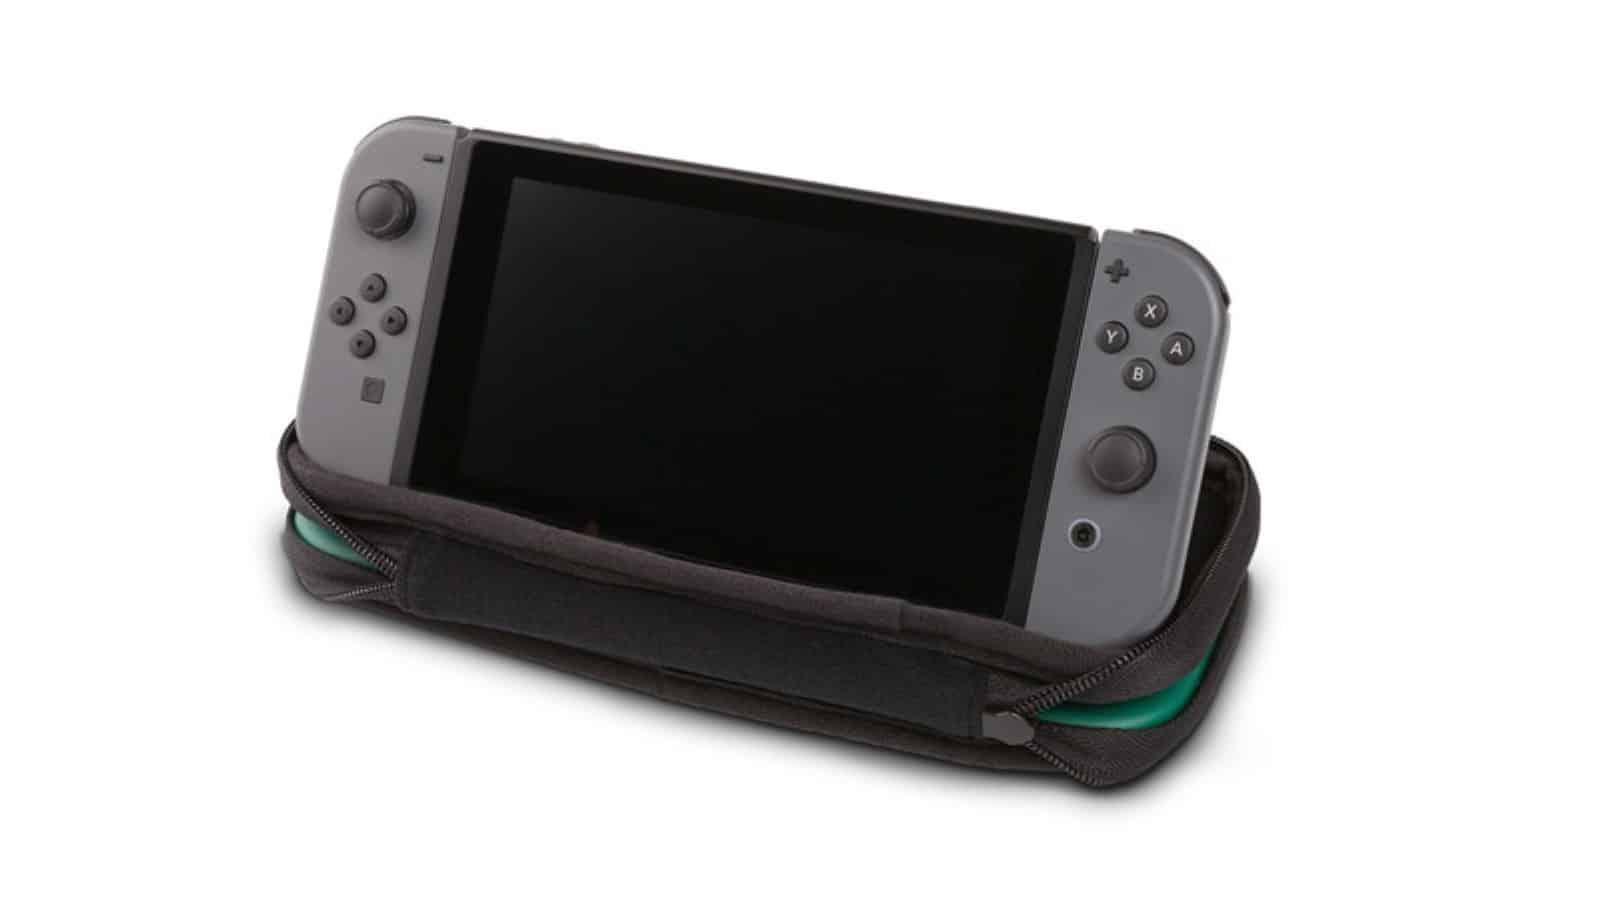 נרתיק נשיאה לנינטנדו סוויץ' בעיצוב לינק ממשחקי The Legend of Zelda - קונסולה עומדת 2